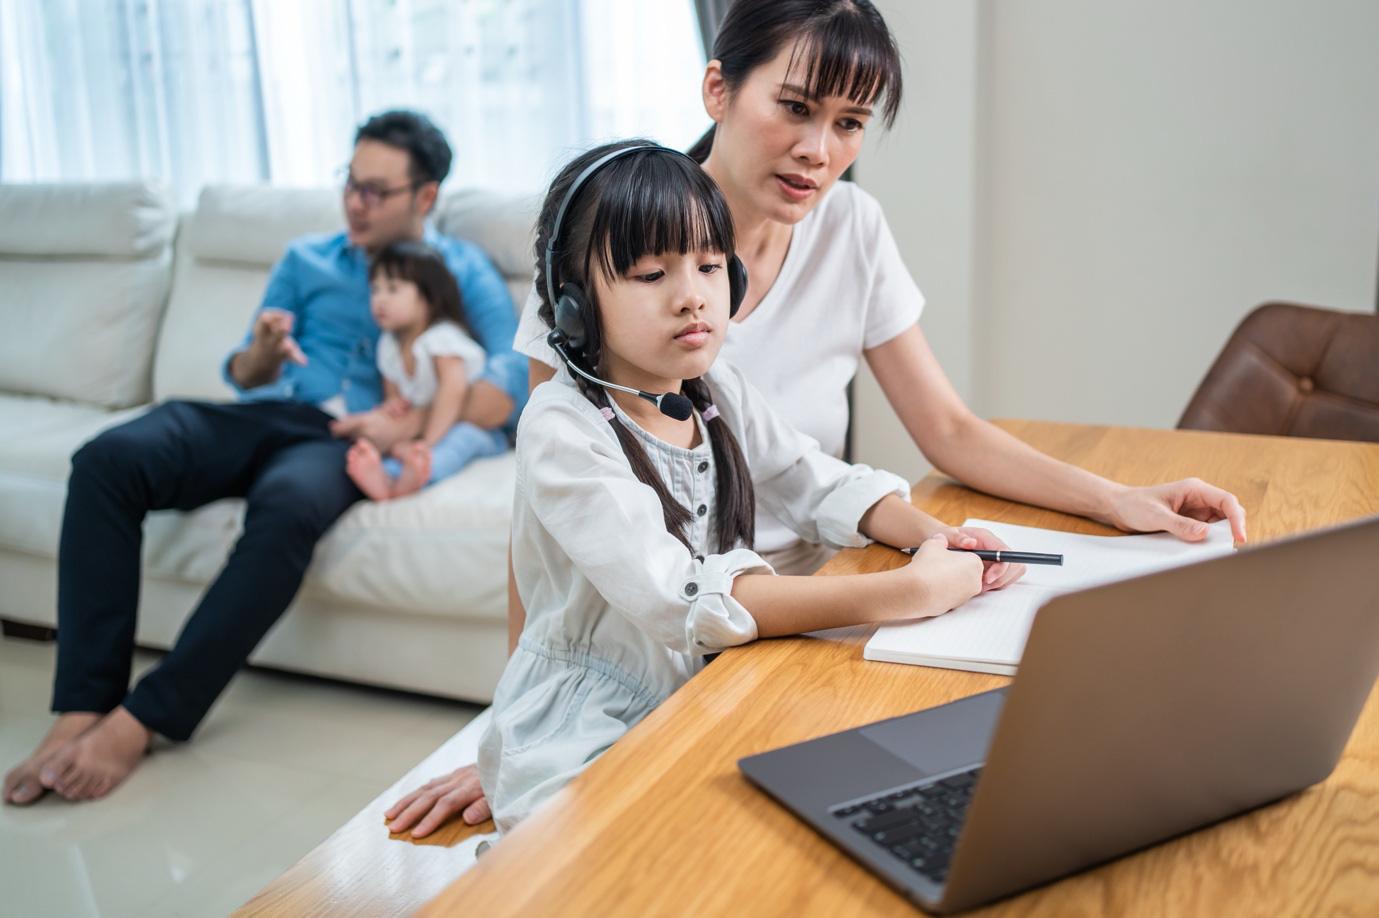 Thực trạng đáng lo ngại của bố mẹ đối với việc học online của trẻ - Ảnh 1.